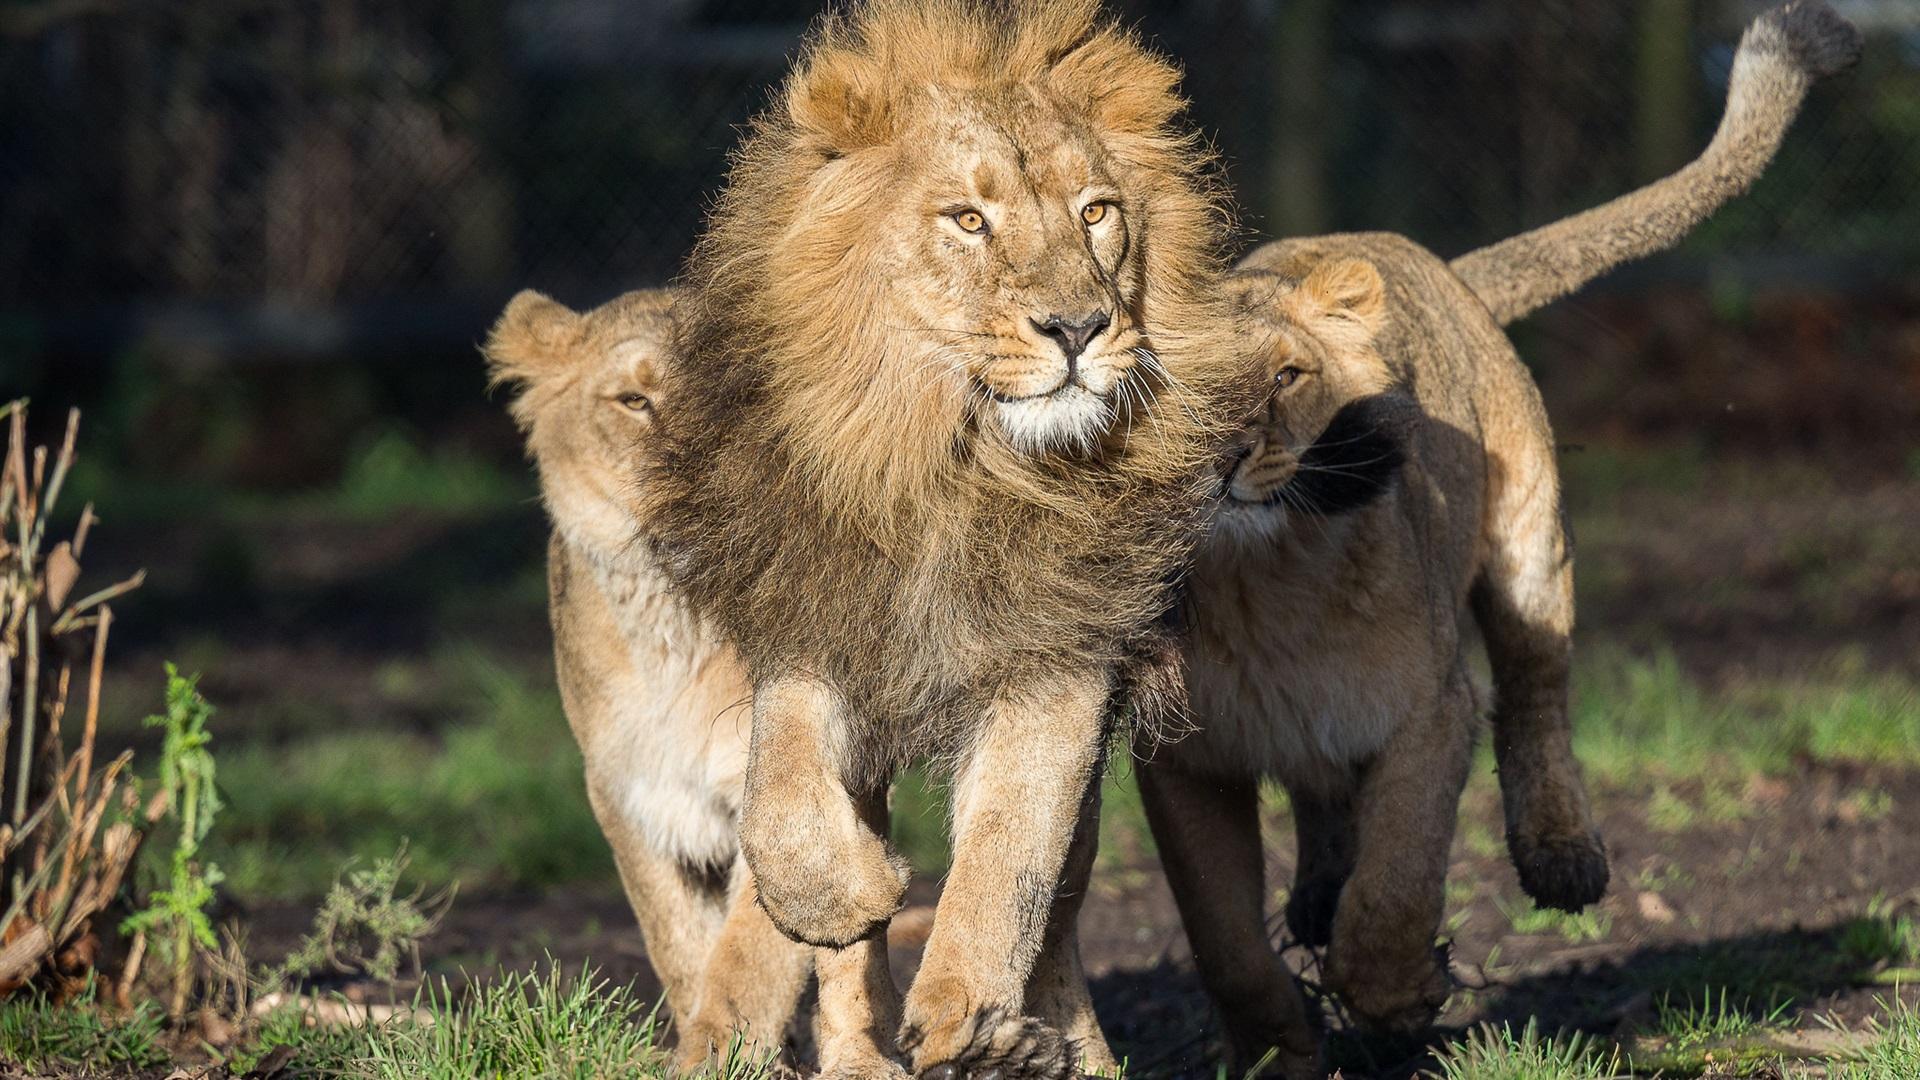 Картинки со львом и львицей он ее держит за хвост